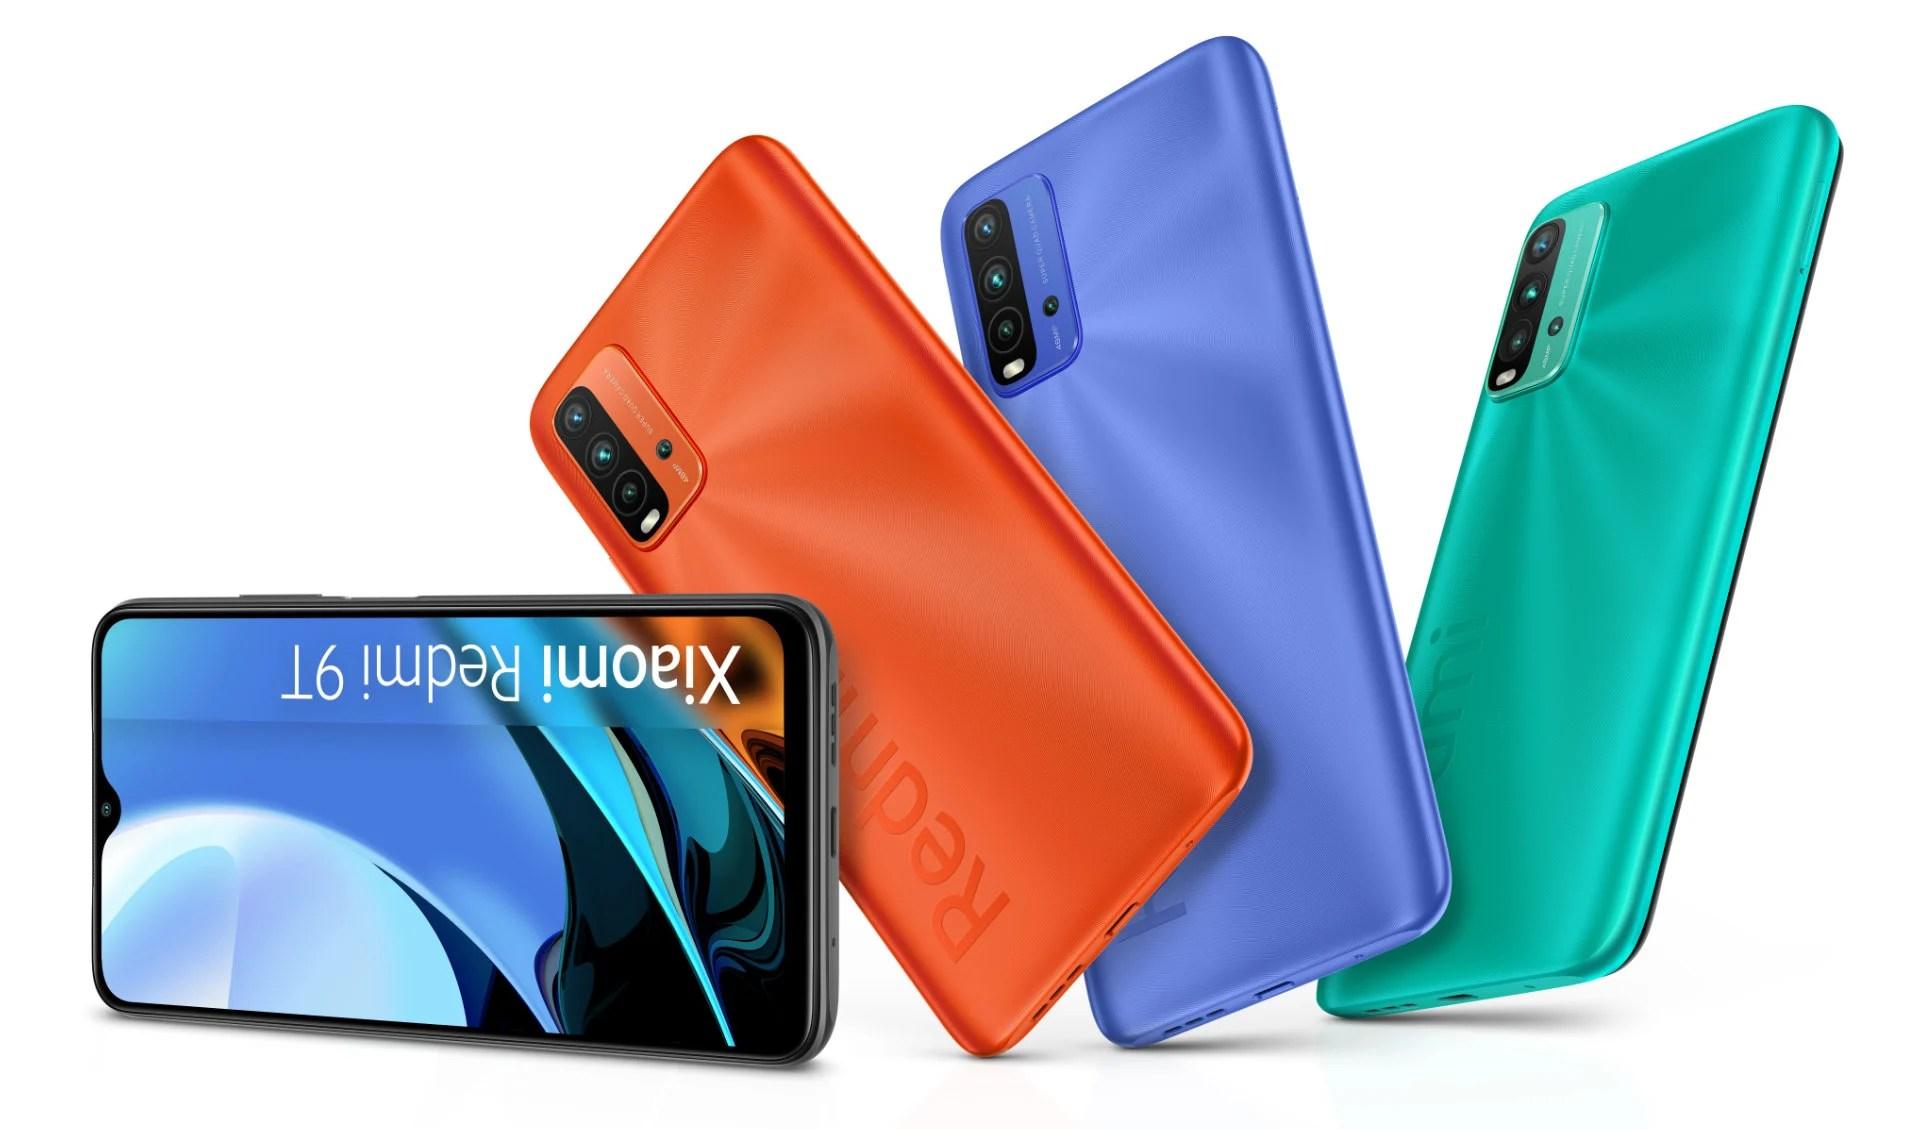 Annonce du Xiaomi Redmi Note 9T, exode de WhatsApp vers Signal et écran gigantesque chez Mercedes – Tech'spresso